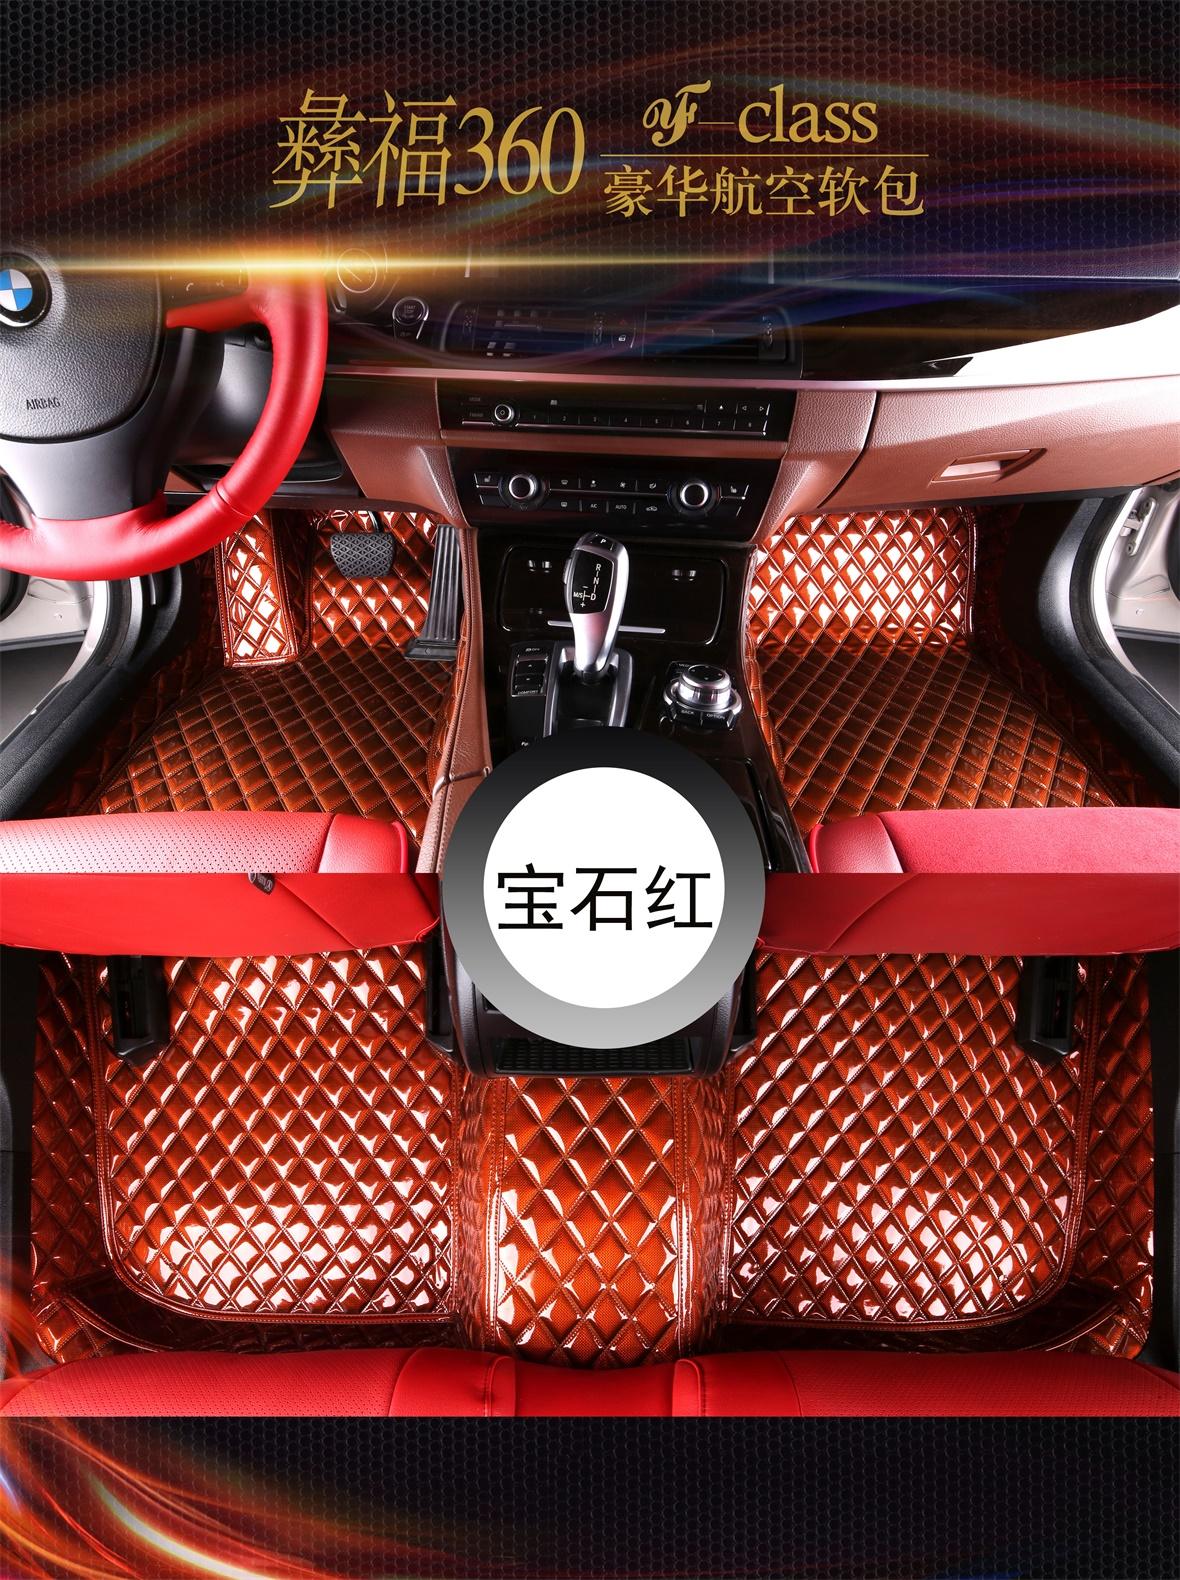 02-360軟包-方格-寶石紅- .jpg